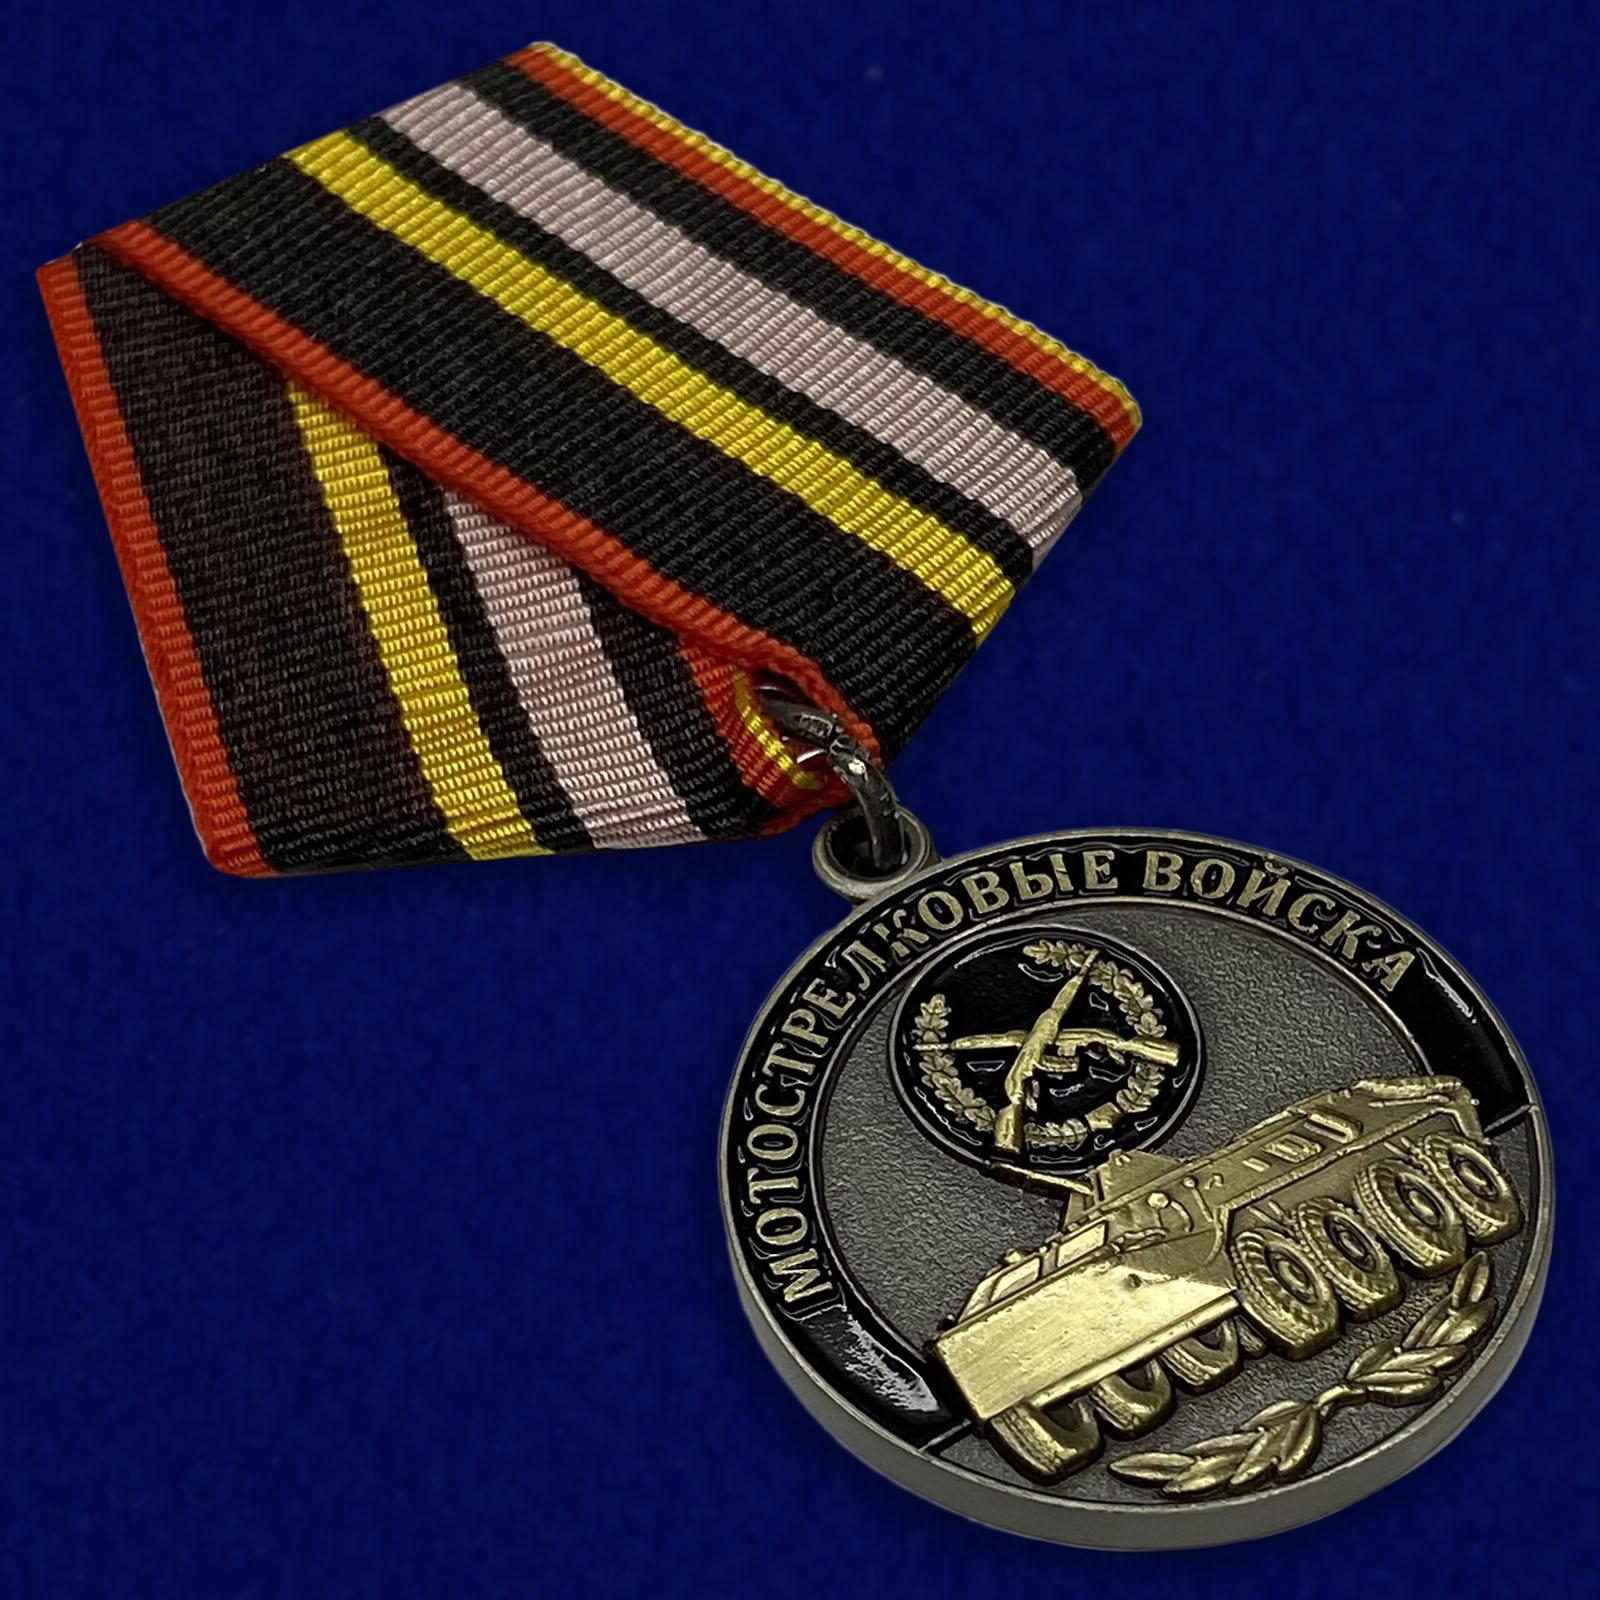 Купить медаль Мотострелковых войск (Ветеран)